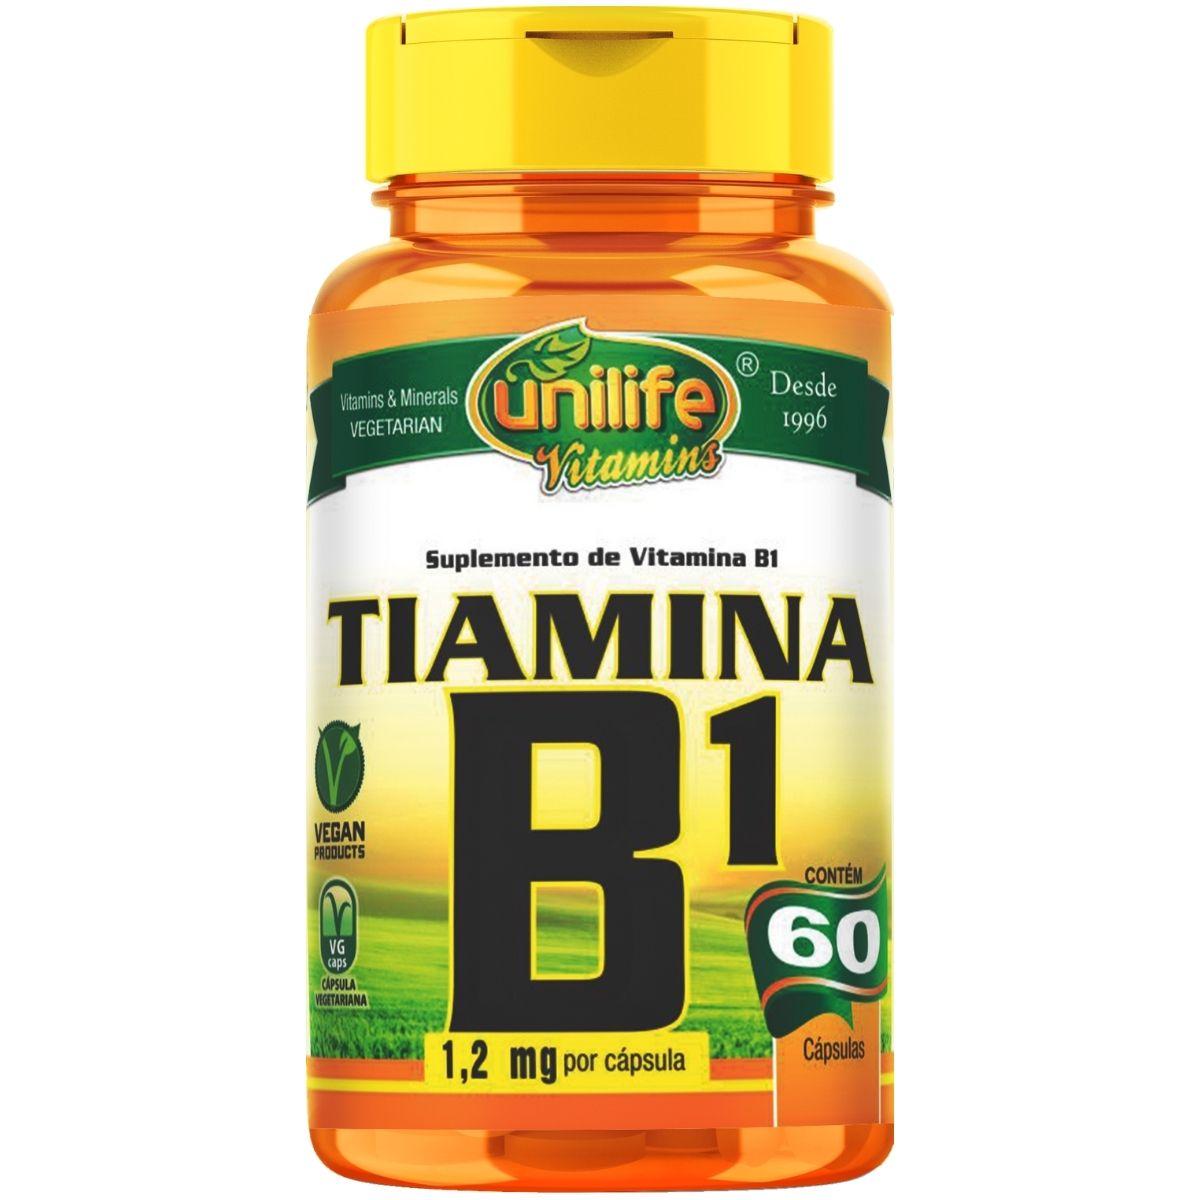 Vitamina B1 Tiamina 60 Cápsulas 500mg - Unilife